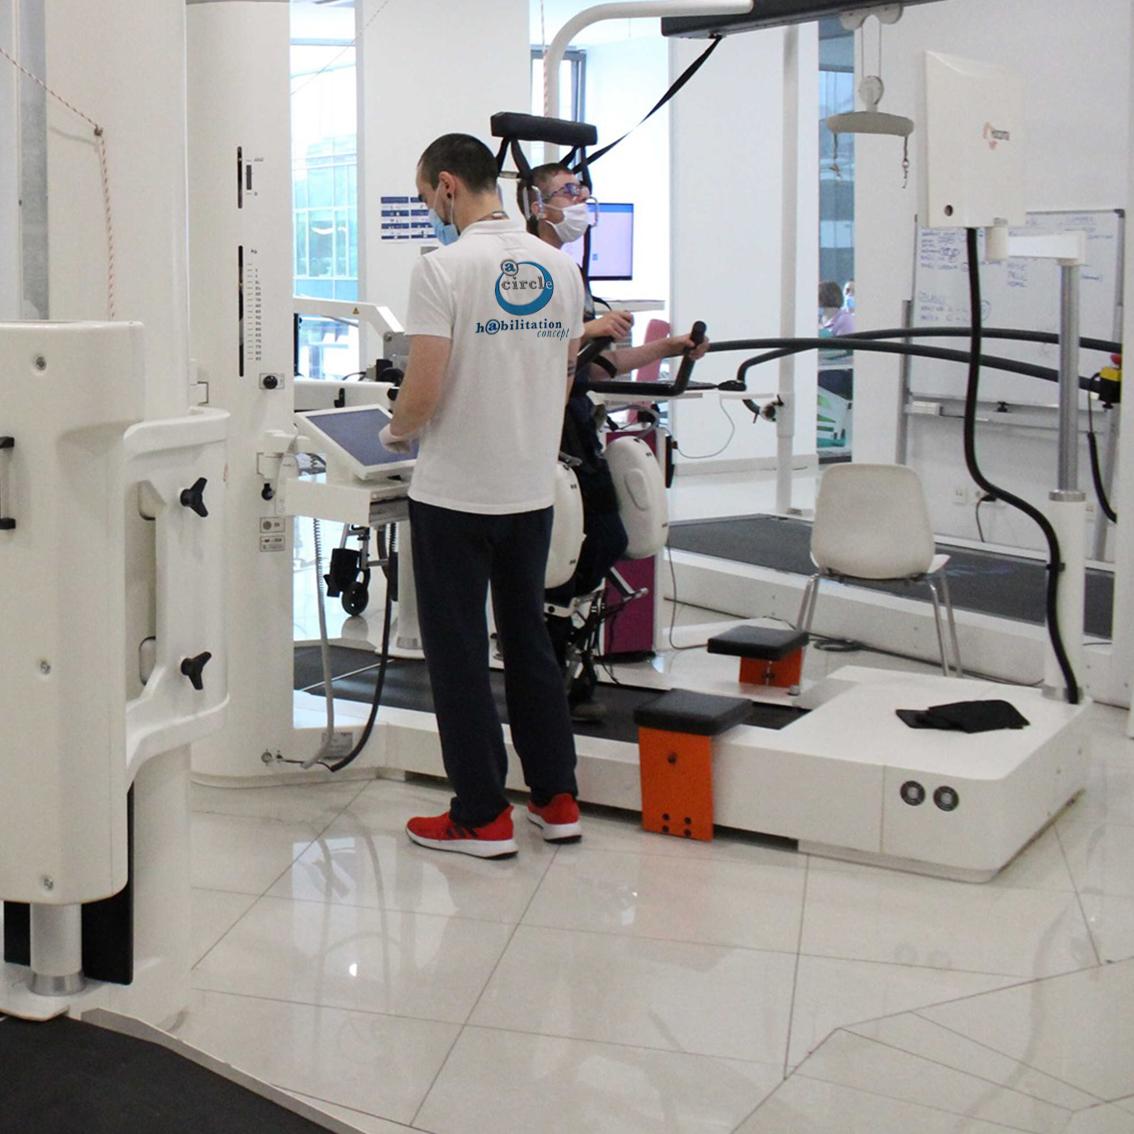 installazione - a circle riabilitazione robotica idroterapia